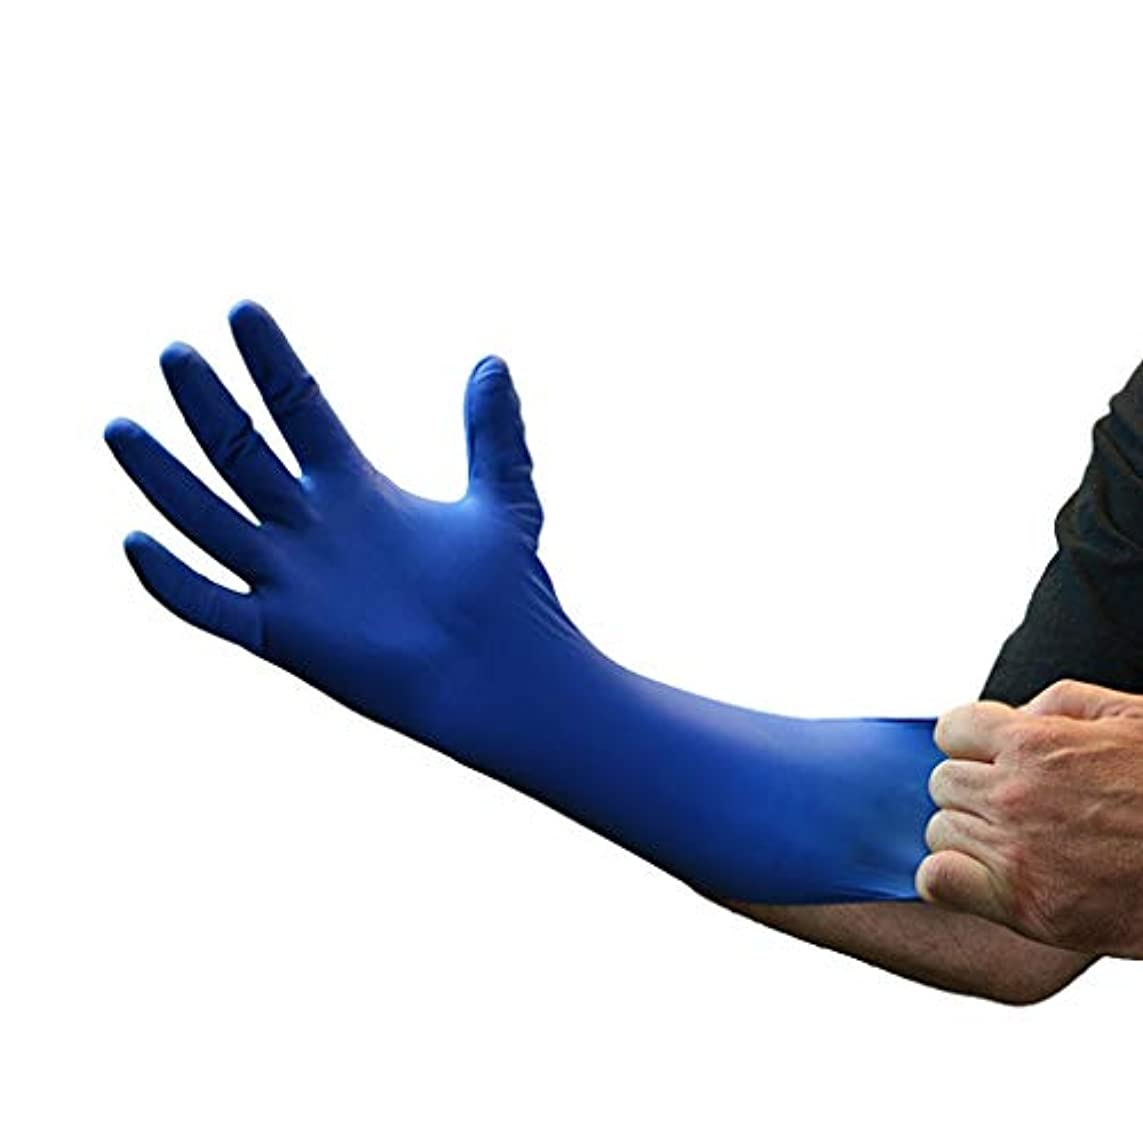 消化器不快な変動する使い捨てニトリル手袋耐久性のあるニトリルダークブルーパウダーフリー厚い実験室耐性溶剤酸とアルカリ YANW (色 : Dark blue, サイズ さいず : Xl xl)